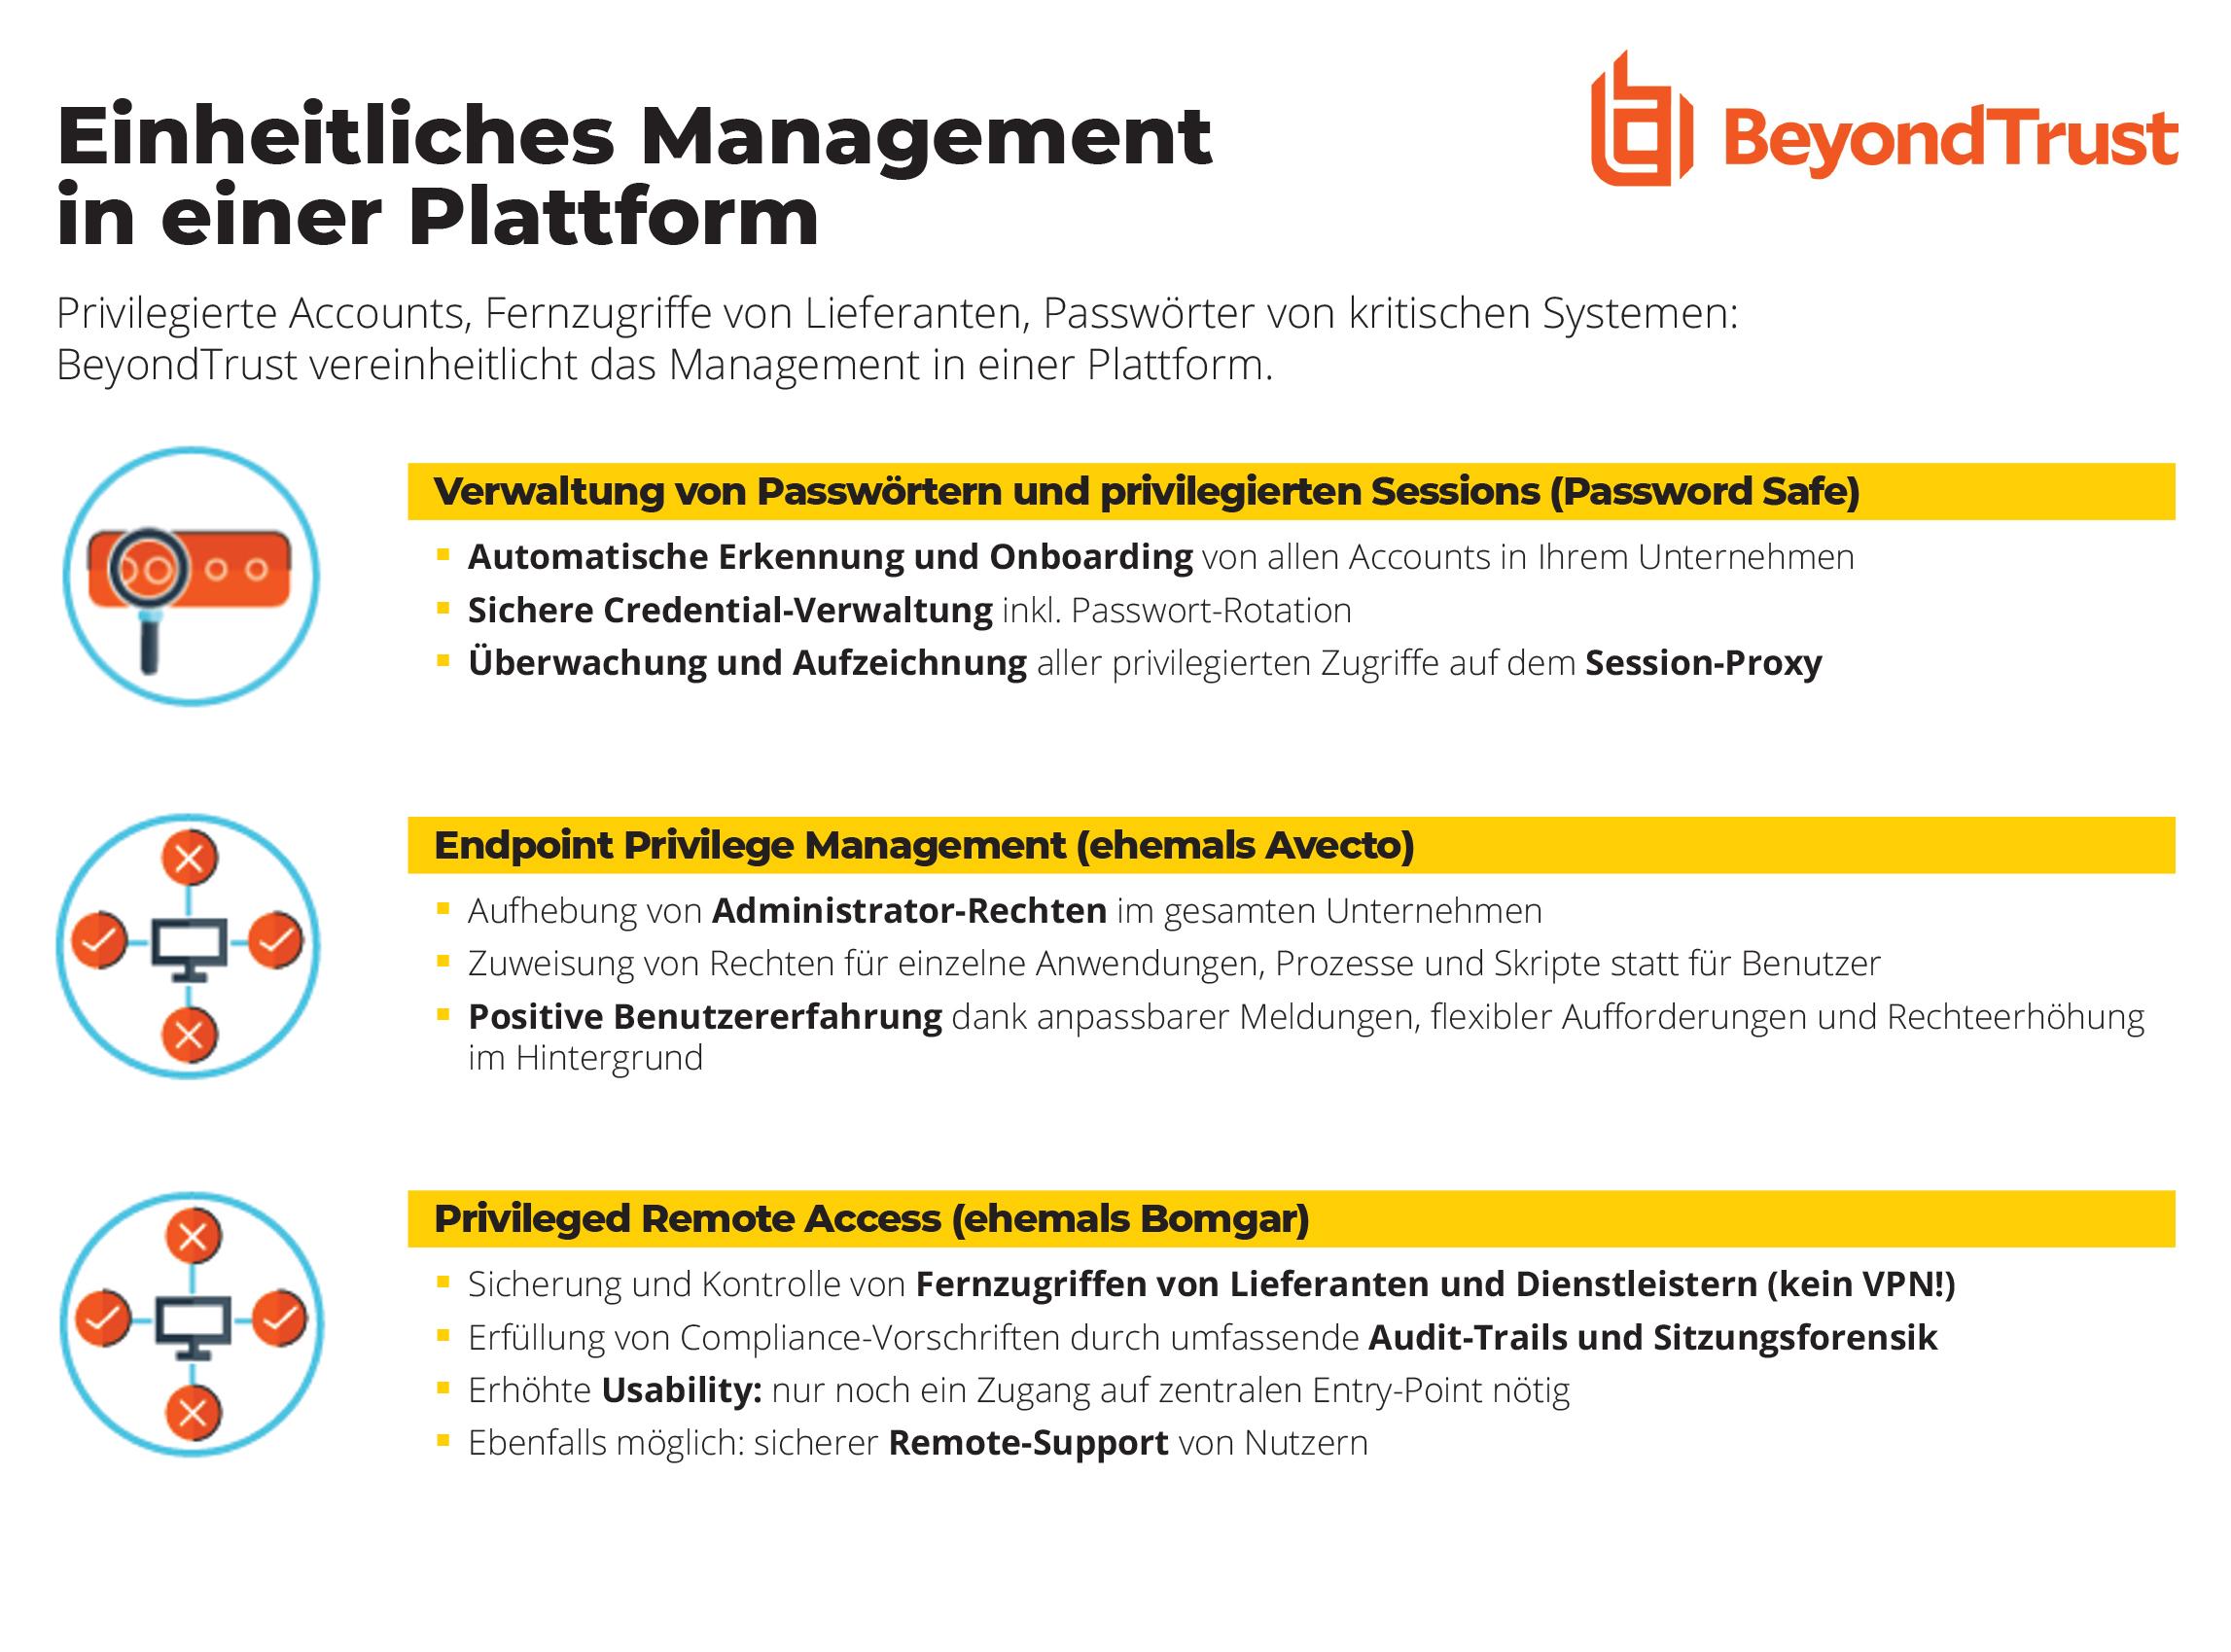 BeyondTrust – Einheitliches Management in einer Plattform